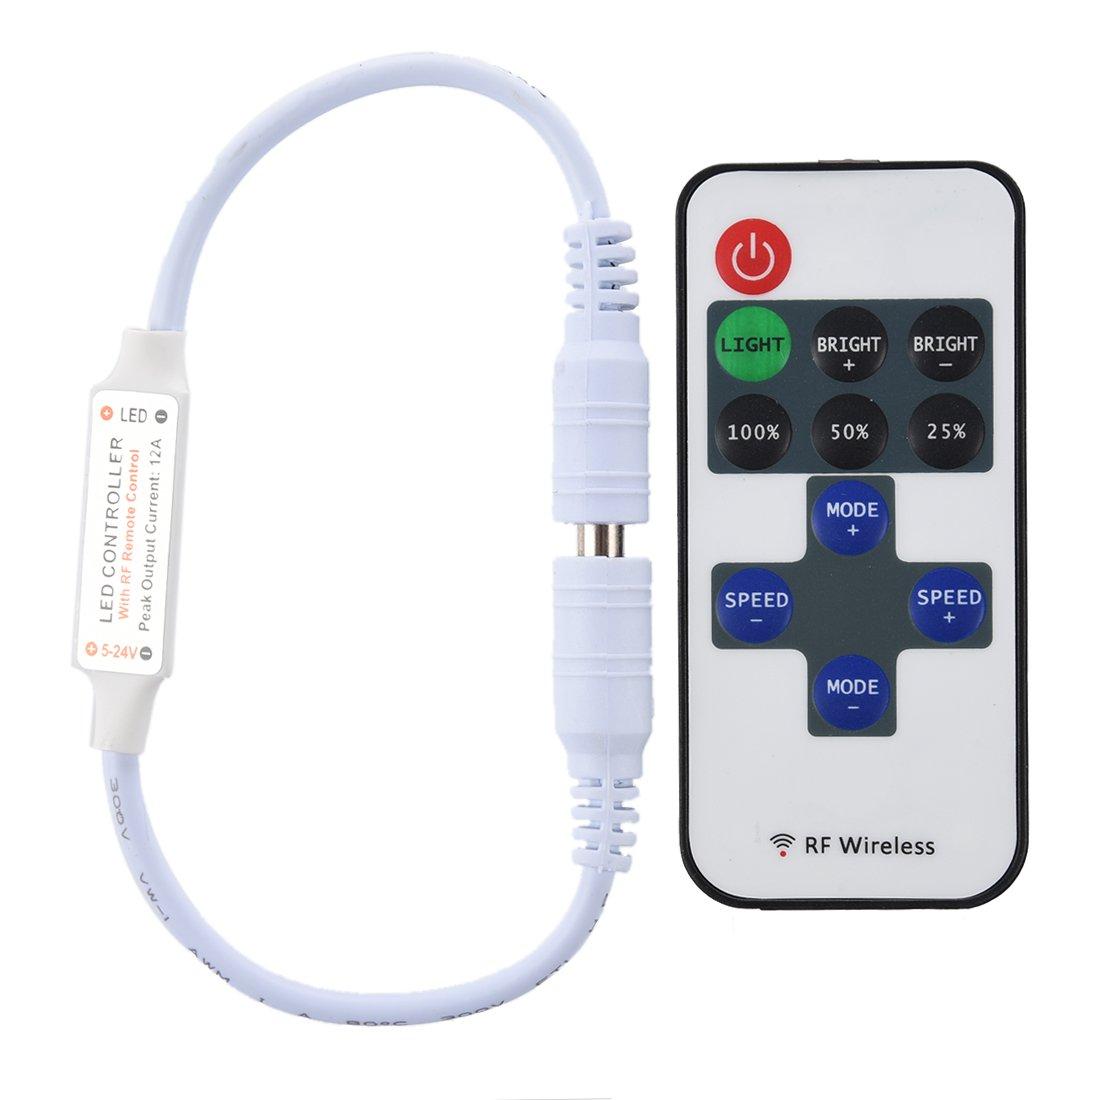 TOOGOO(R) Controlador FB y Dimmer para solo color LED tira flexible 12A DC 5V-24V CALIENTE 012029